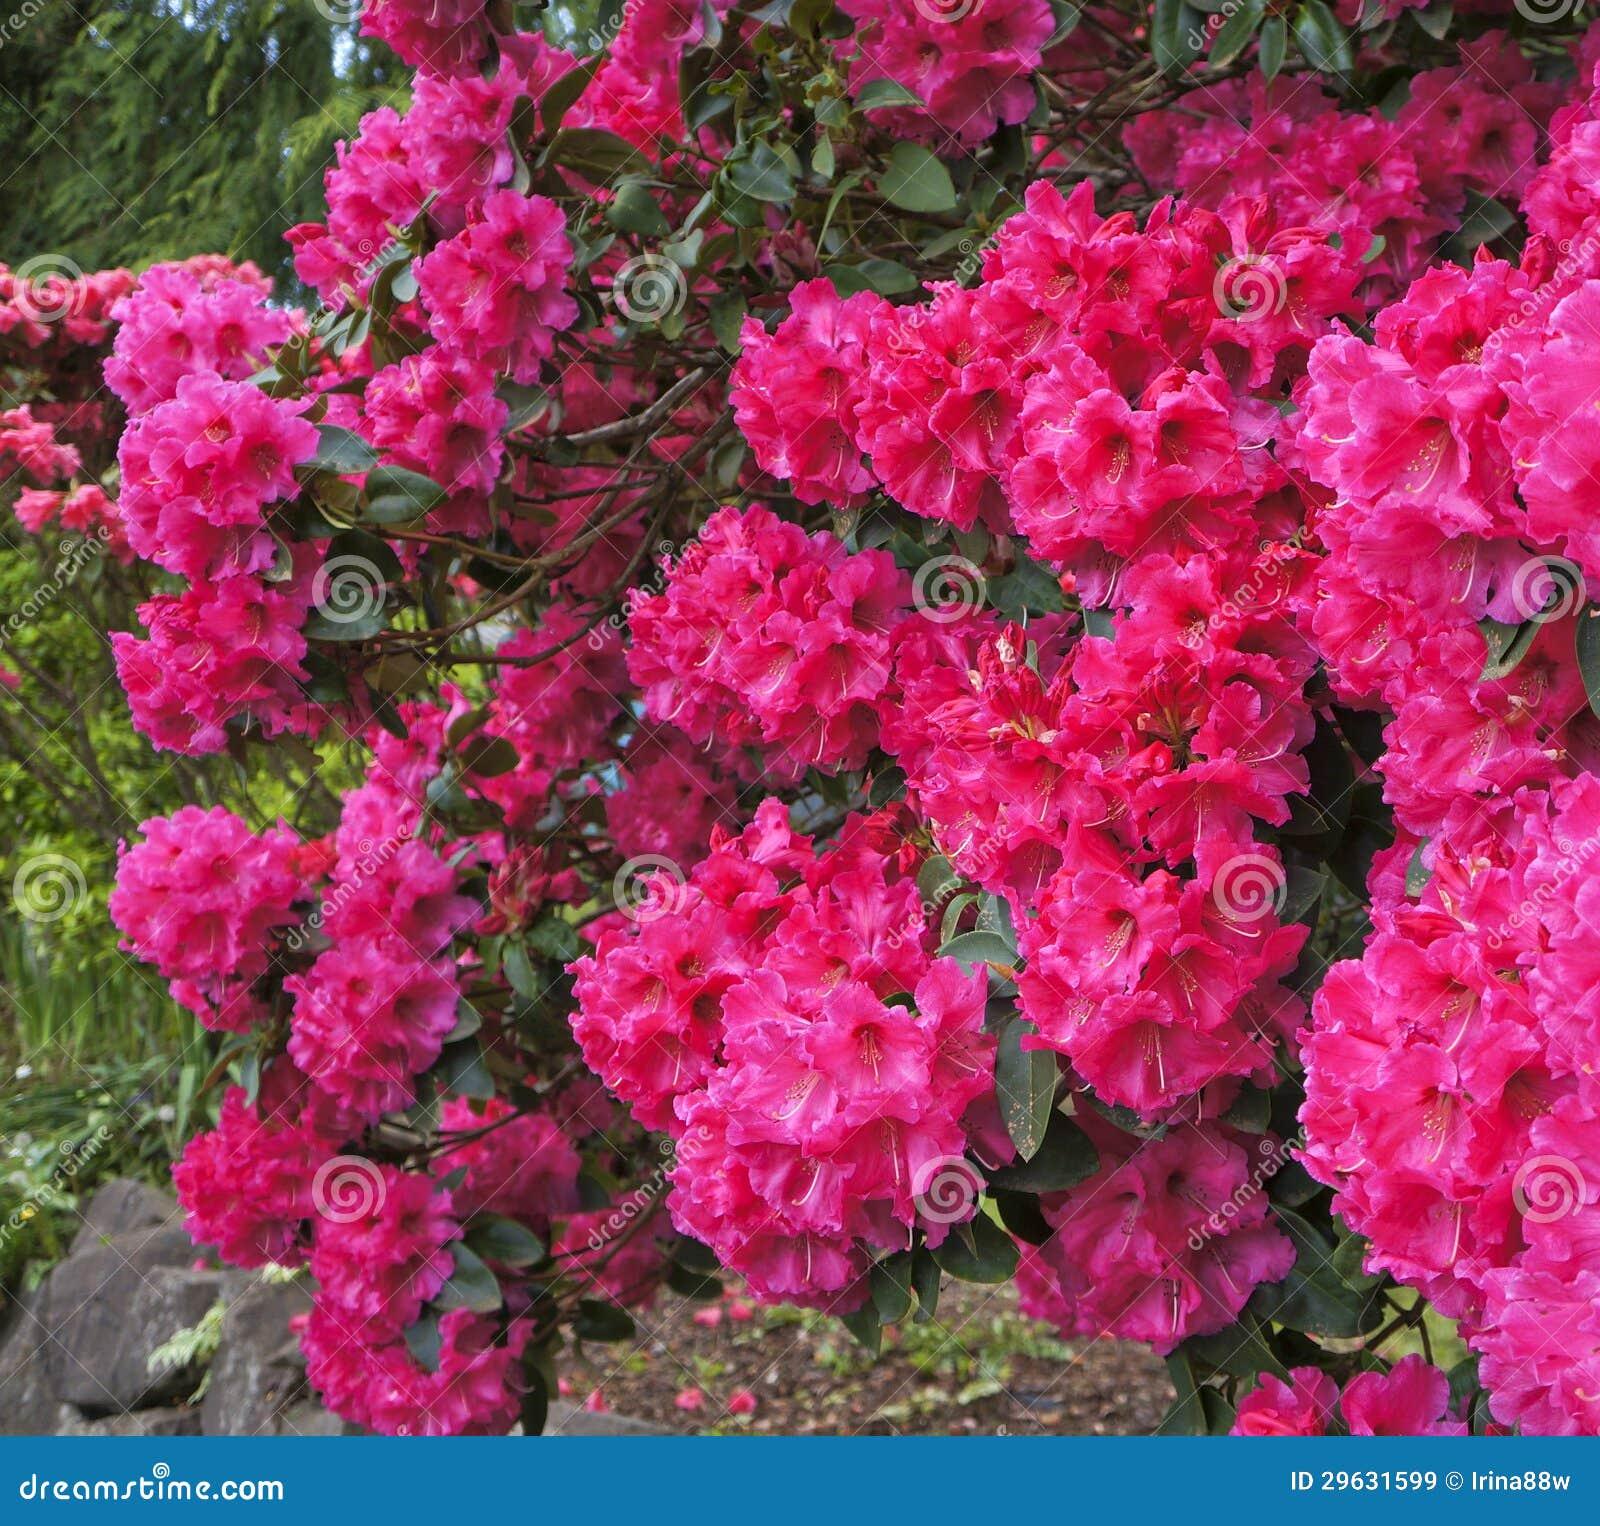 arbuste rose de rhododendrons en fleur. source. les etats-unis du